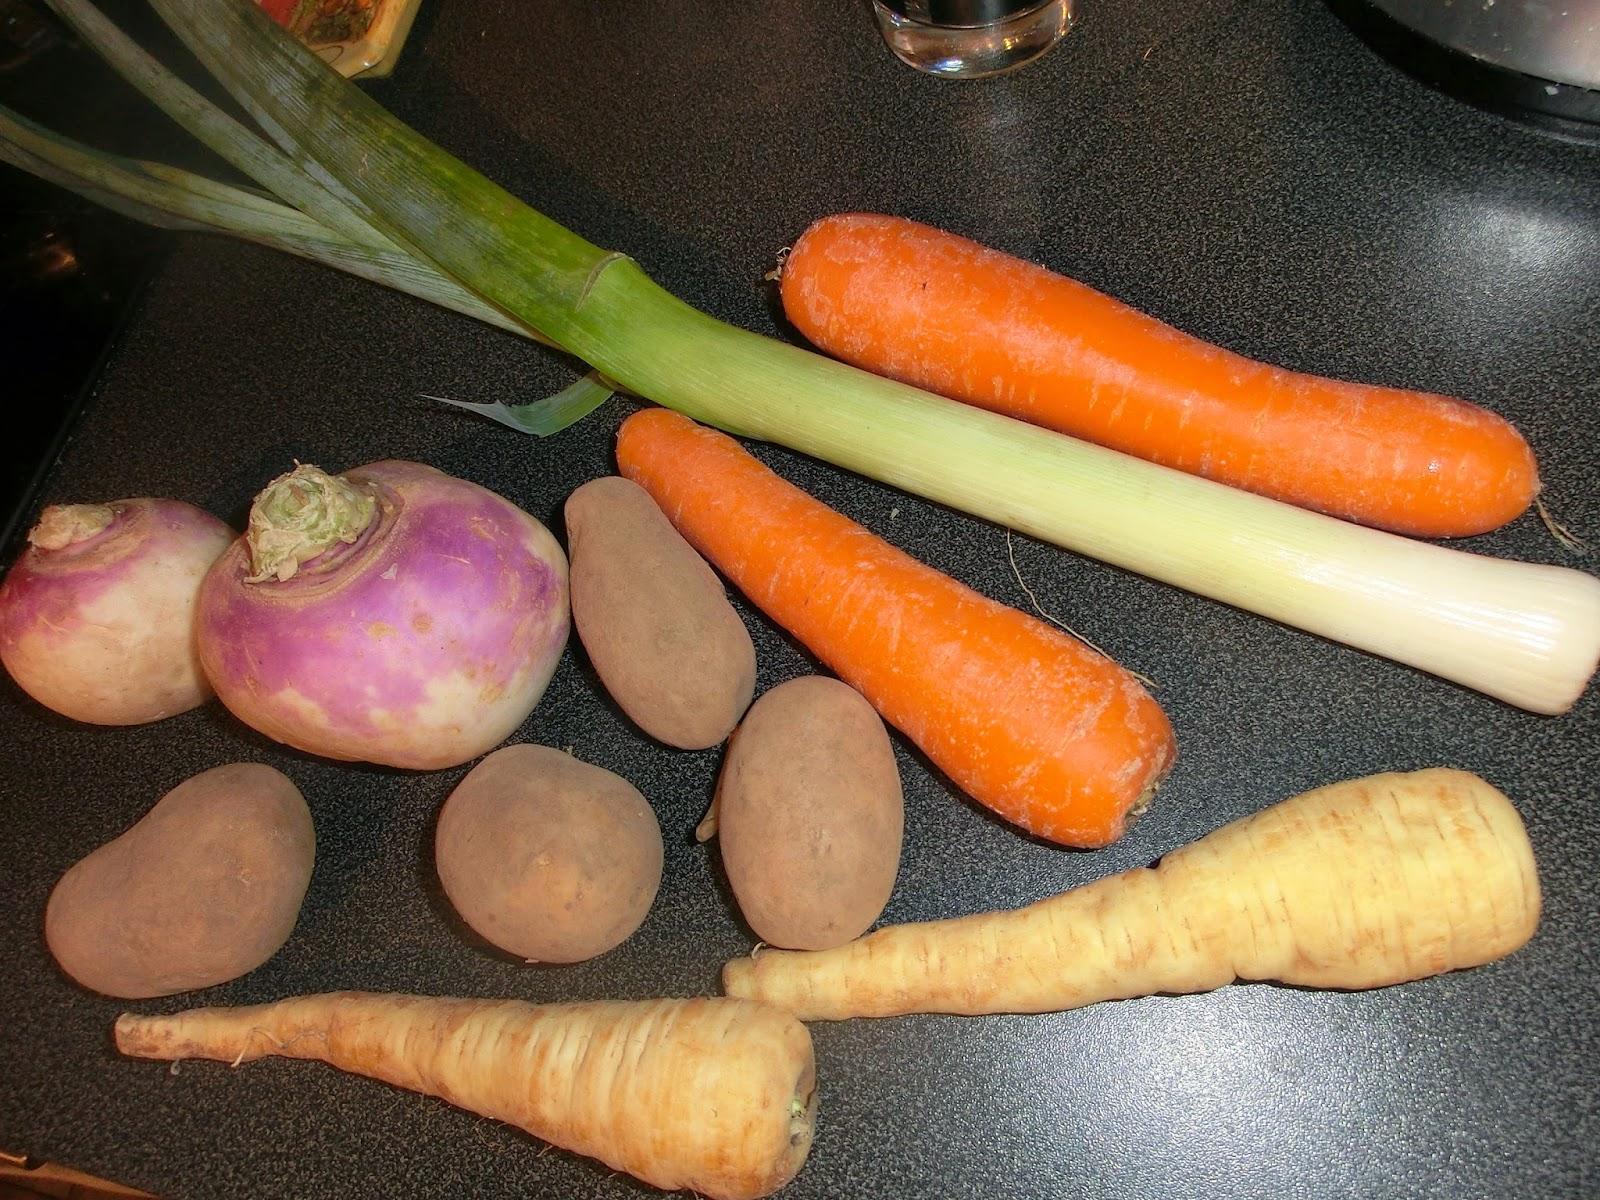 les paniers de b n soupe aux l gumes d 39 hiver poireaux navets panets pommes de terre et carottes. Black Bedroom Furniture Sets. Home Design Ideas